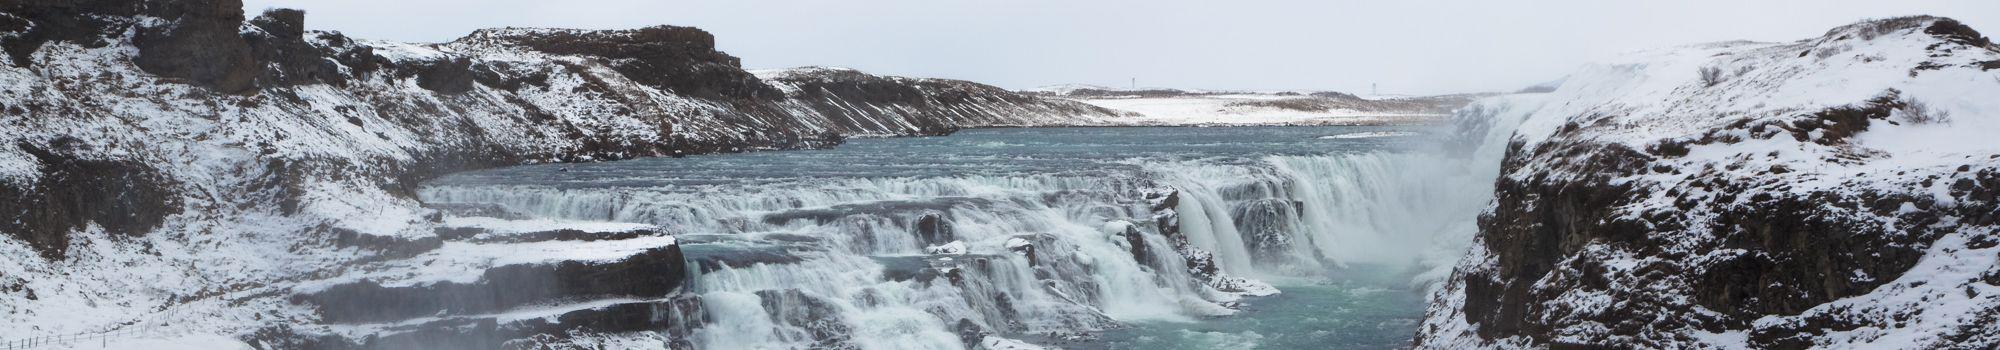 Gullfoss-Golden-Circle-Iceland-4